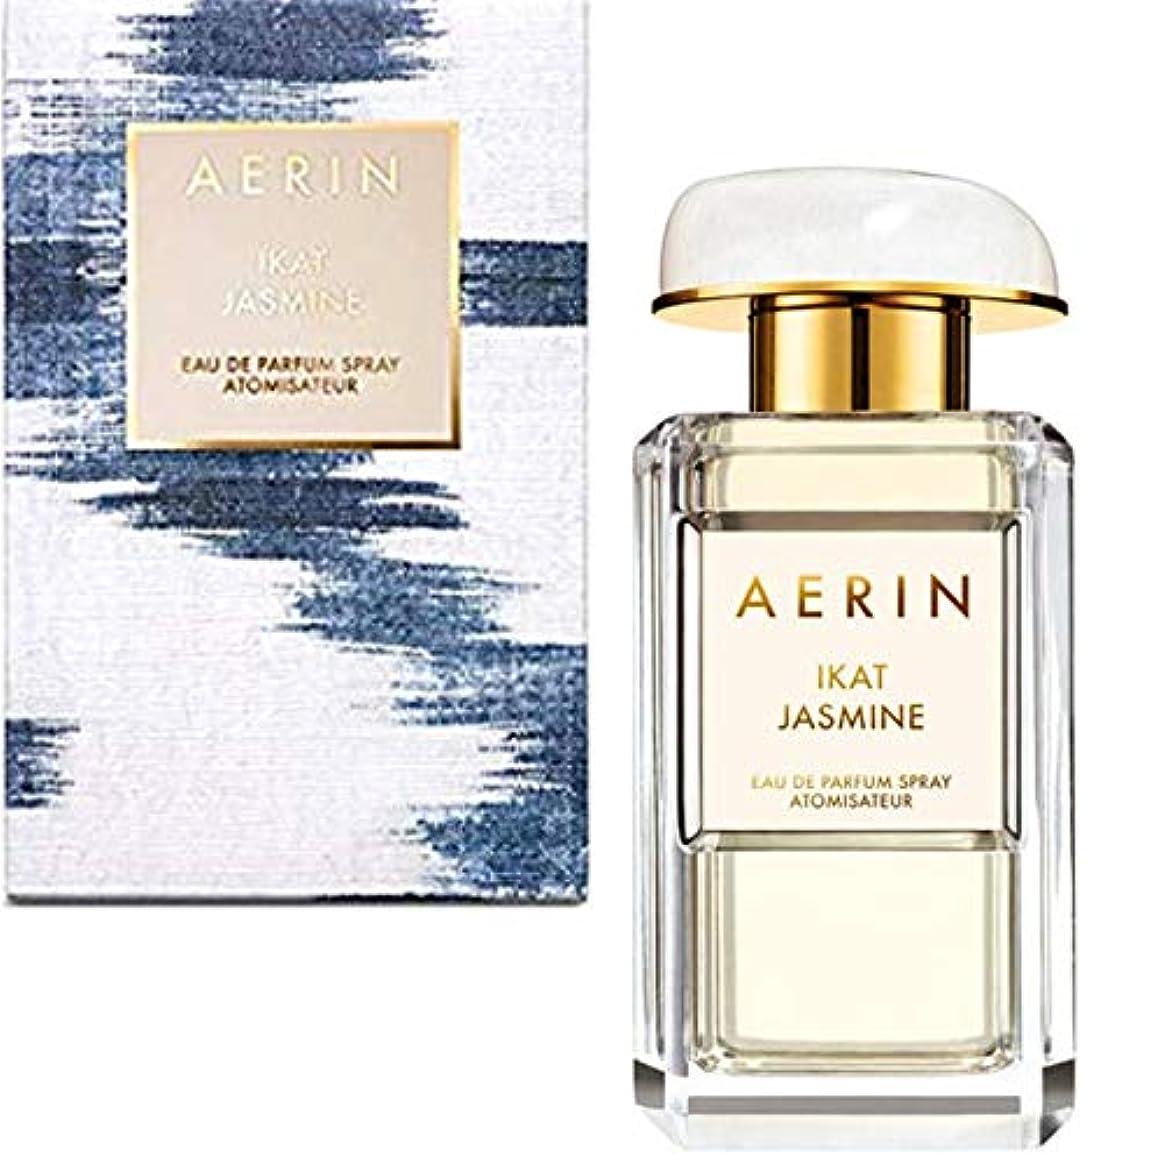 逃げるやるレンドAERIN 'Ikat Jasmine' (アエリン イカ ジャスミン) 1.7 oz (50ml) EDP Spray by Estee Lauder for Women [海外直送品] [並行輸入品]